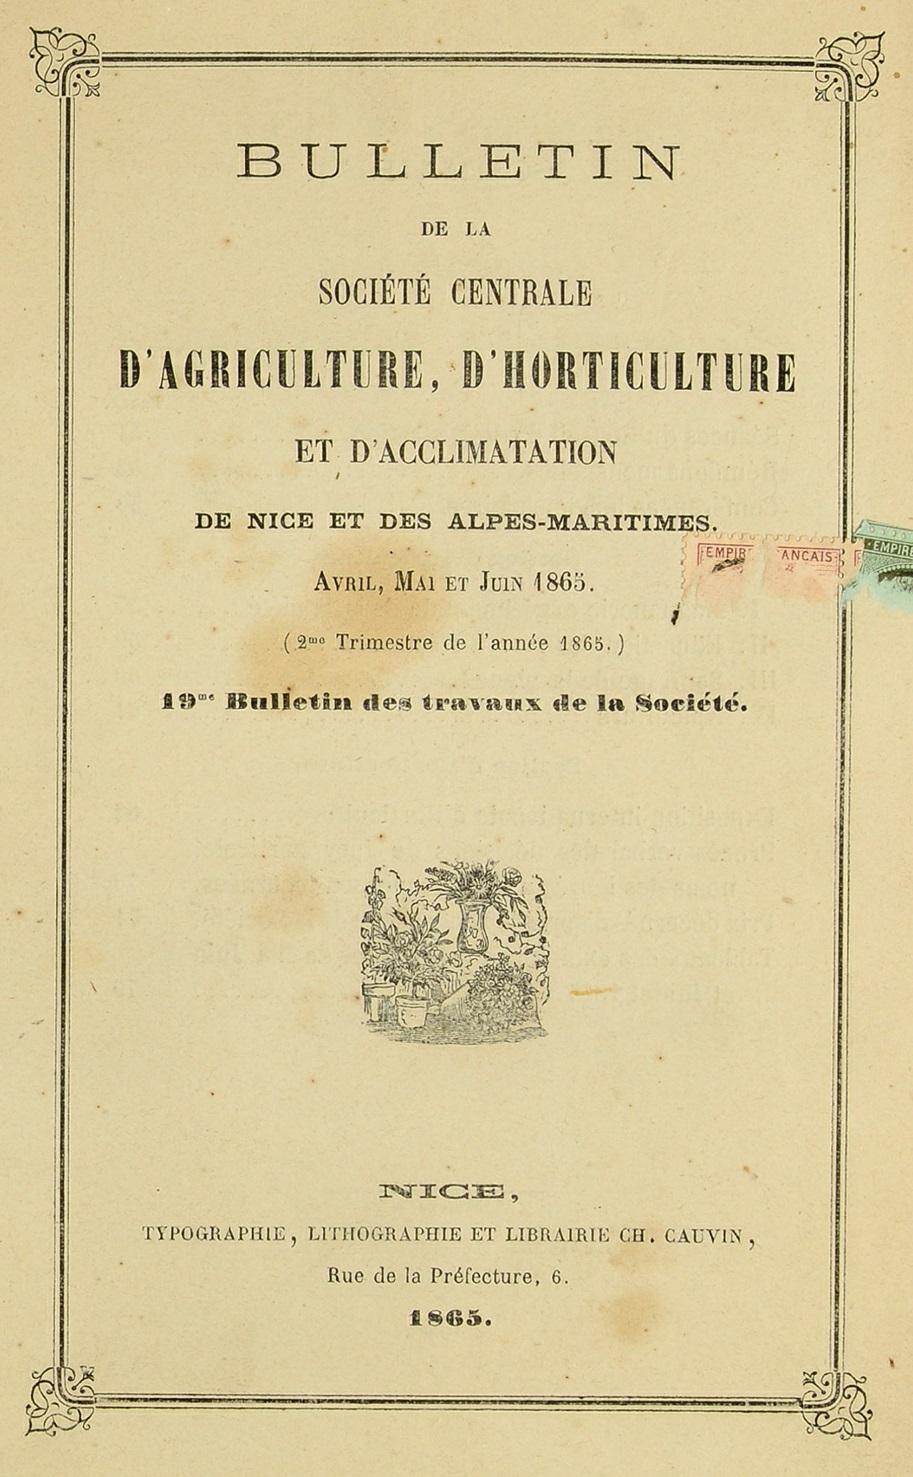 Photo (Bibliothèque municipale (Grasse, Alpes-Maritimes)) de : Bulletin de la Société centrale d'agriculture, d'horticulture et d'acclimatation de Nice et du département des Alpes-Maritimes. Nice, 1860-1870. ISSN 2122-6881.